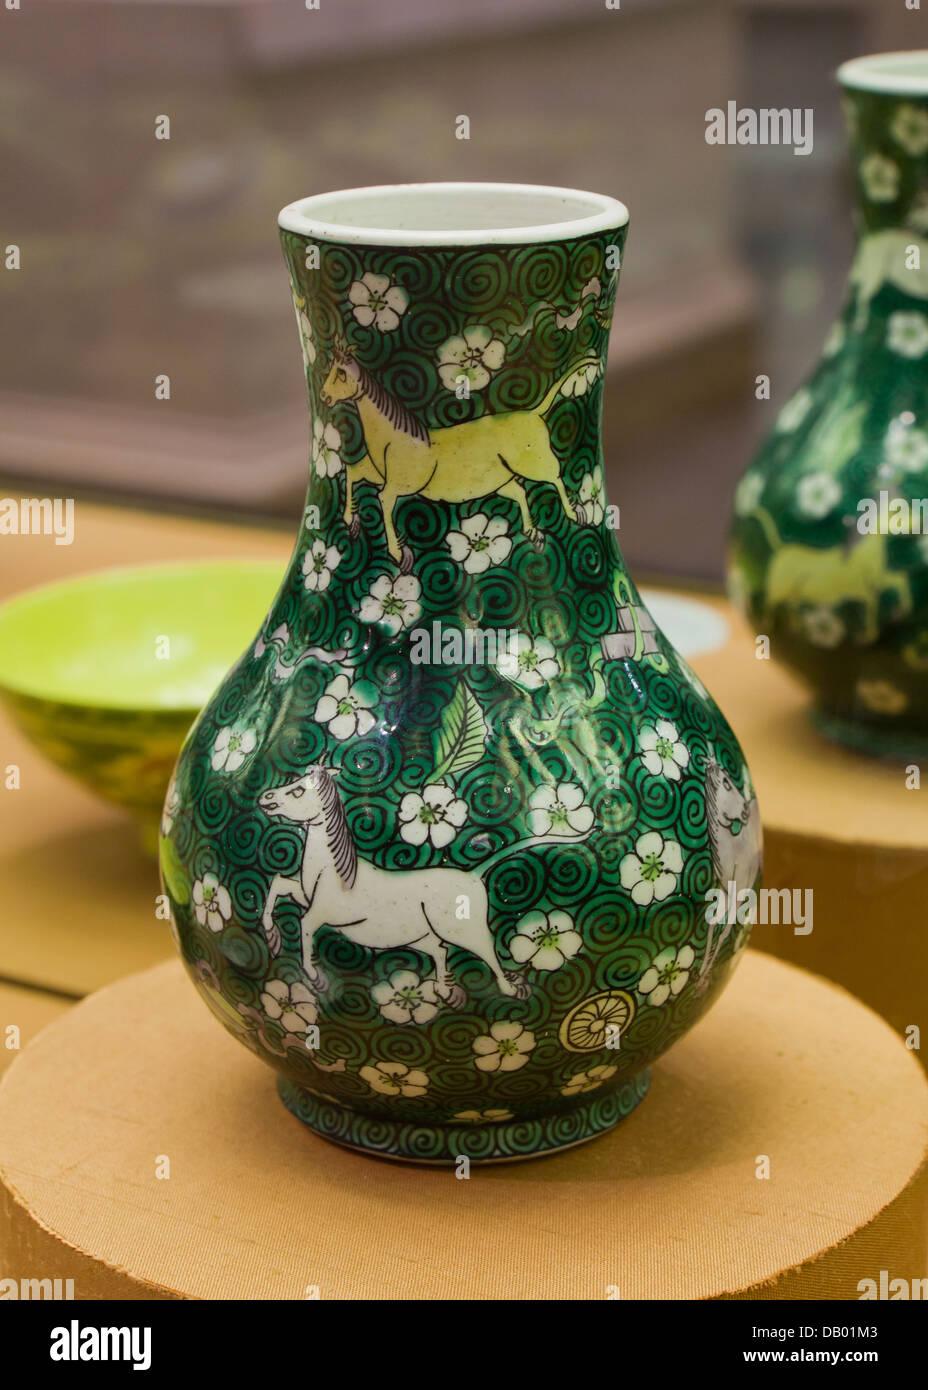 Chinois antique famille verte Emaux sur vase en porcelaine biscuit - Chine, début de Shunzhi règne de Kangxi, 1644 Banque D'Images